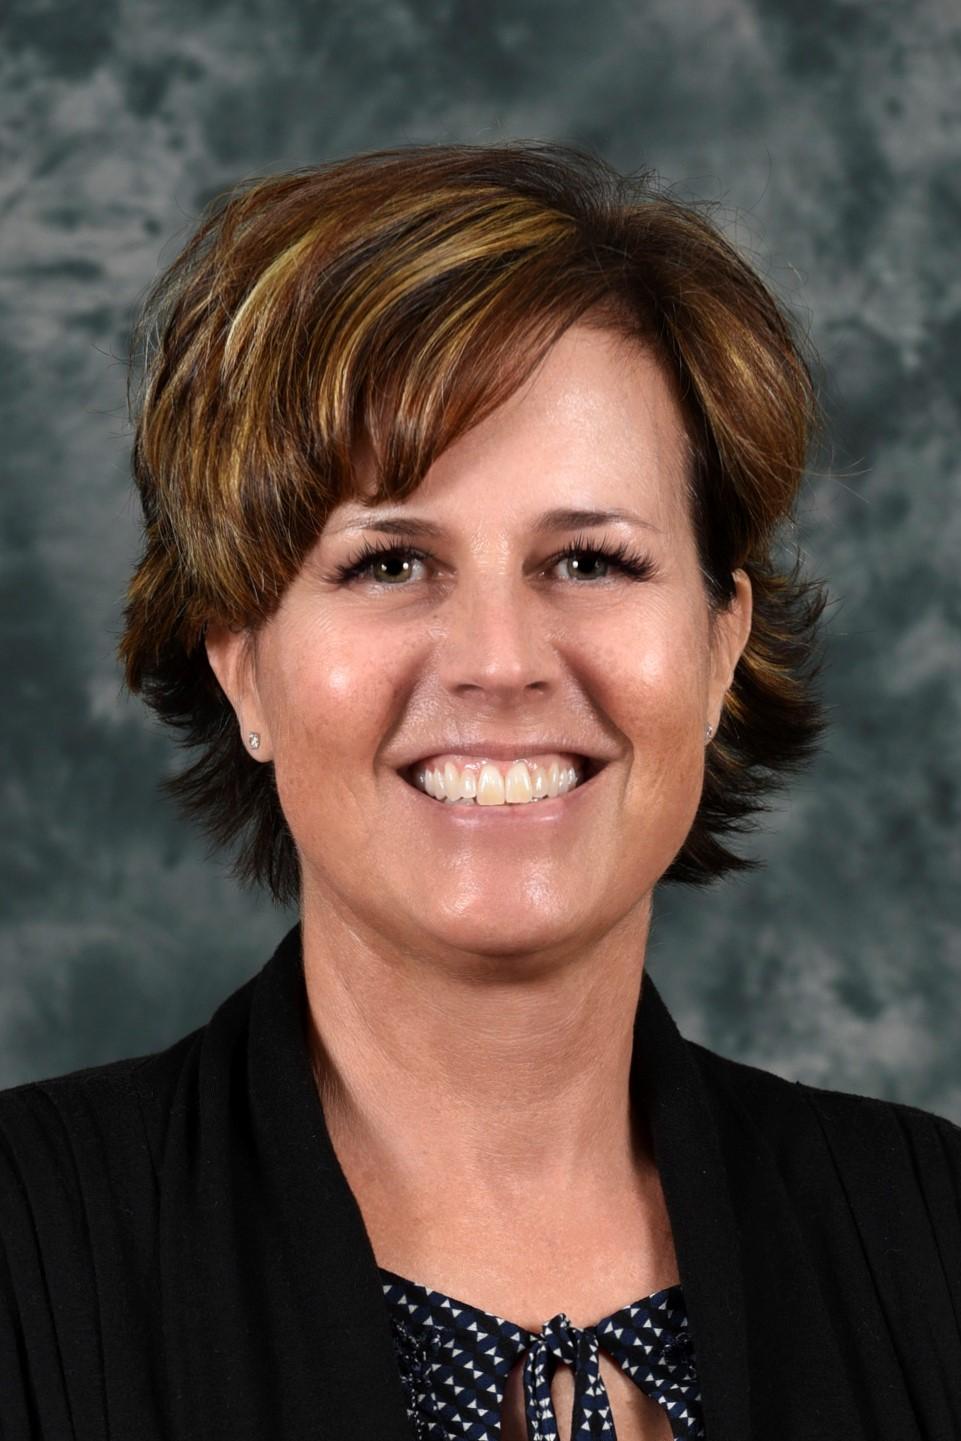 Kelly Lauro